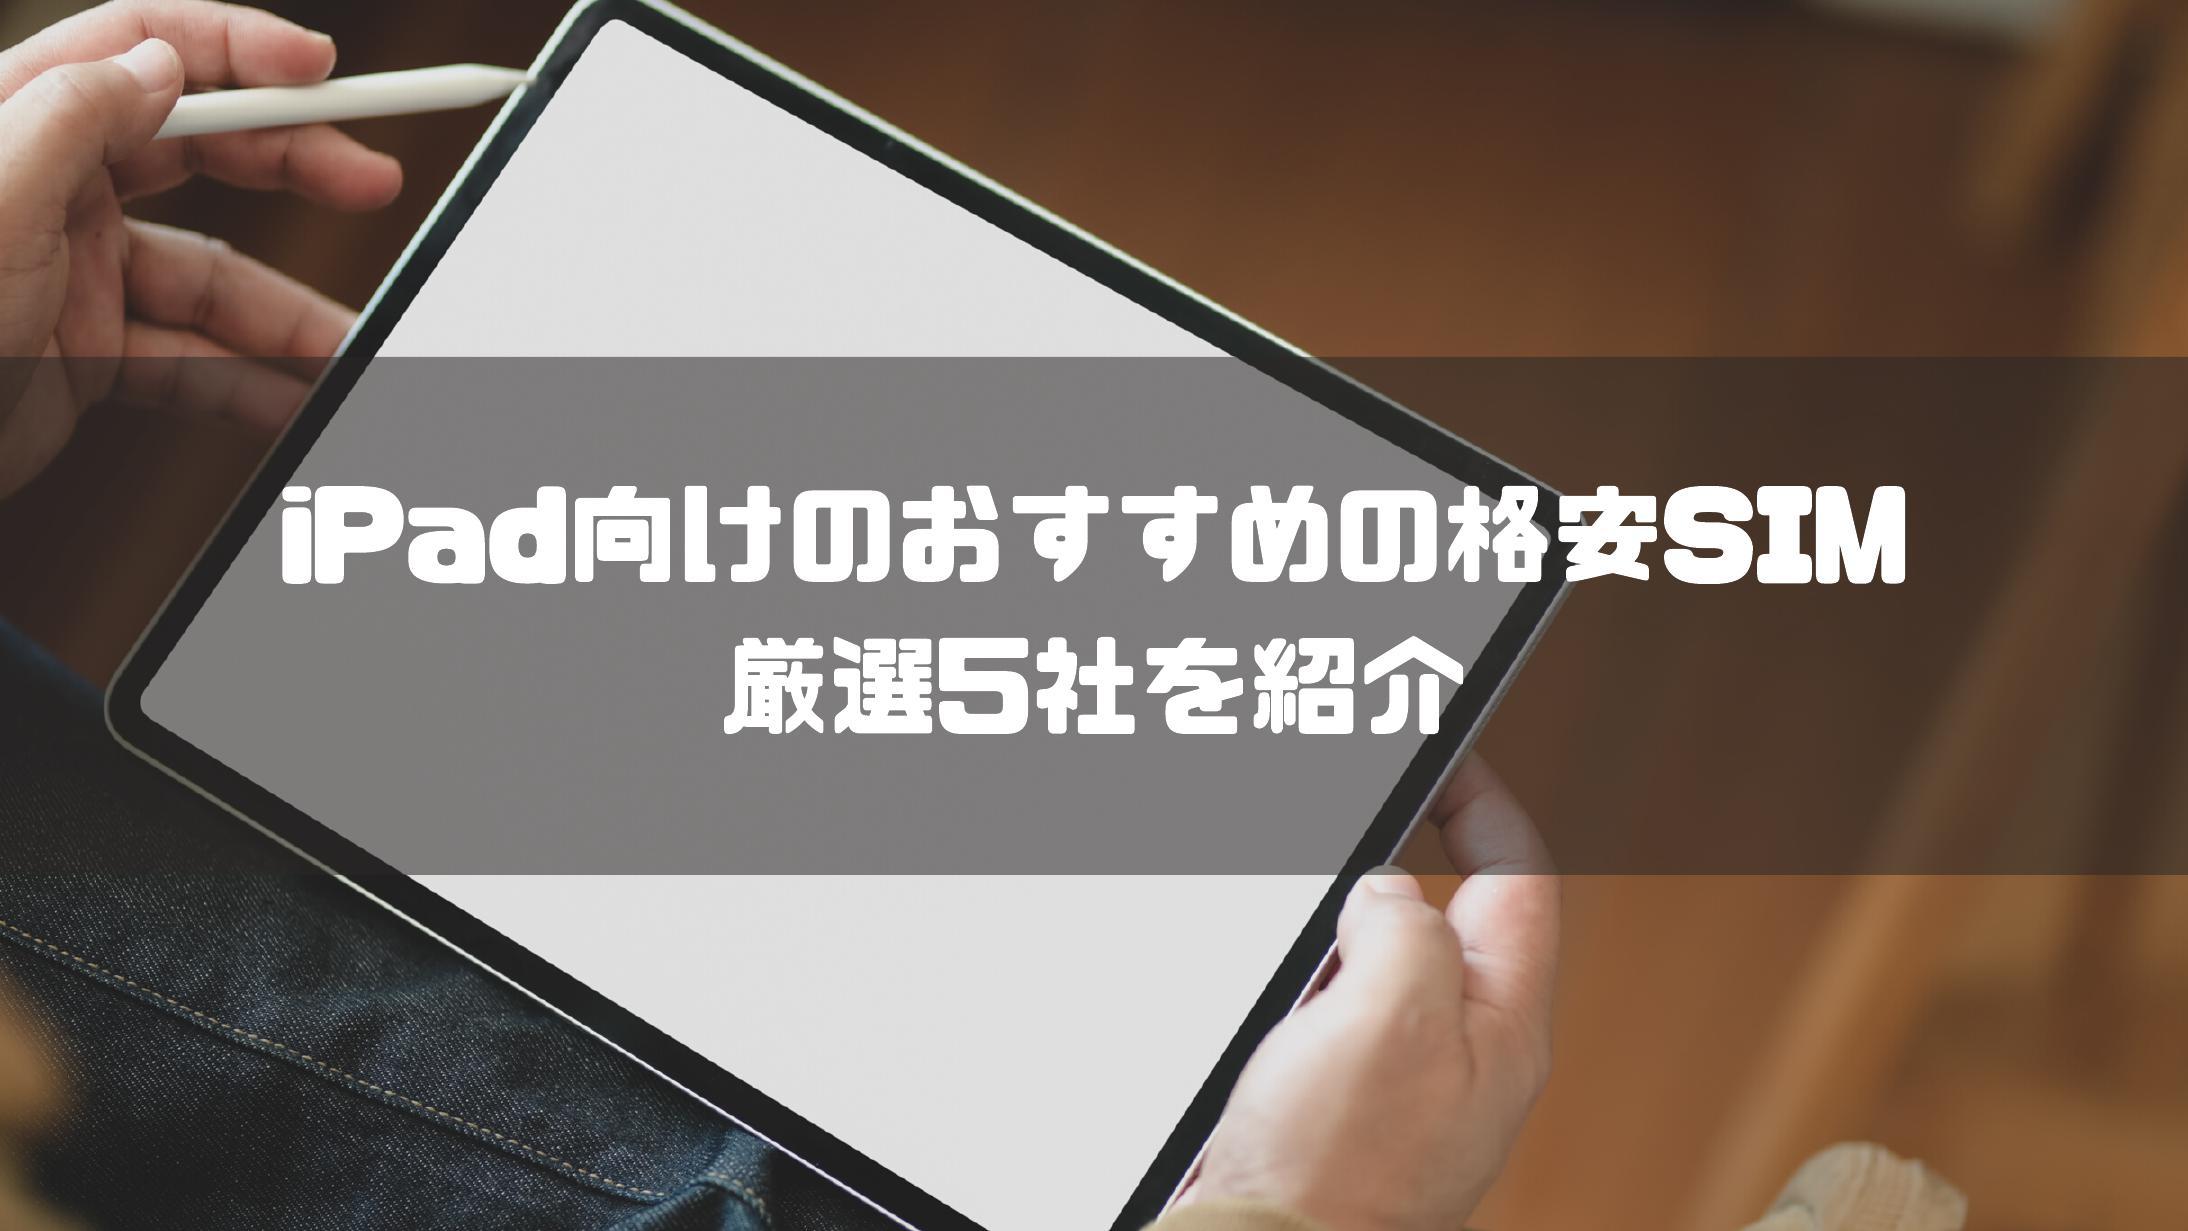 iPad_おすすめ_格安SIM_Y!mobile_OCNモバイルONE_IIJmio_LINEモバイル_mineo_マイネオ